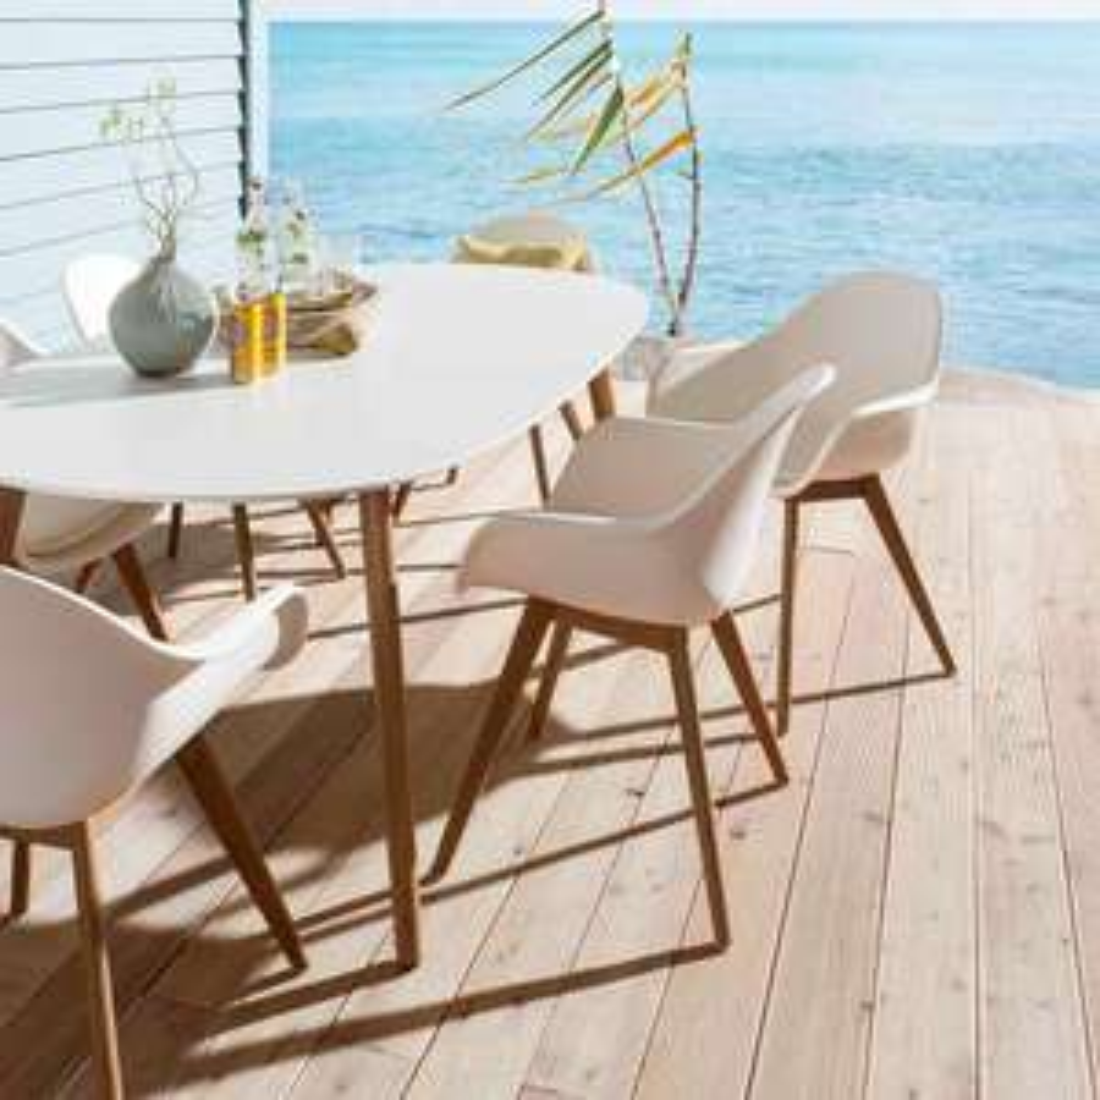 Montreux Gartenmöbelset 7-teilig mit Tisch 190 x 105 cm Eukalyptus/Kunststoff